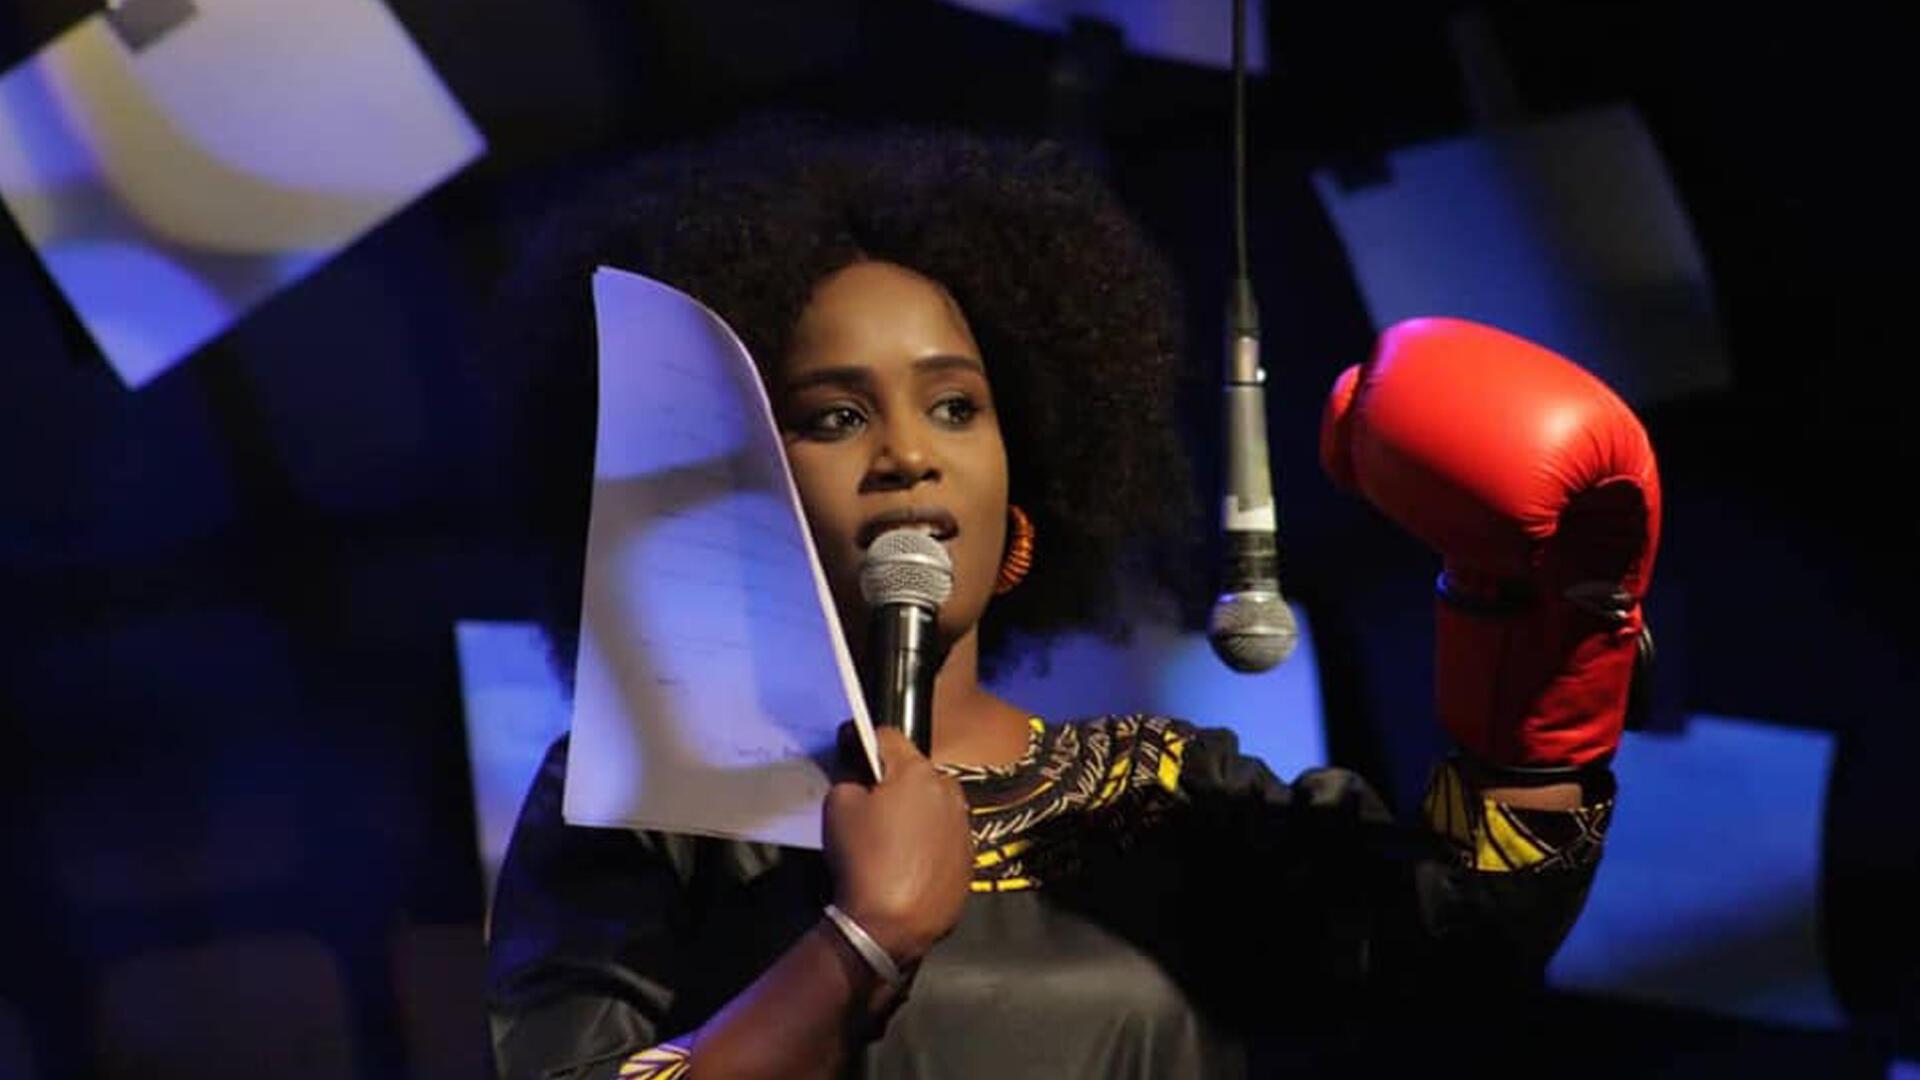 Djeynaba Touré sur scène.